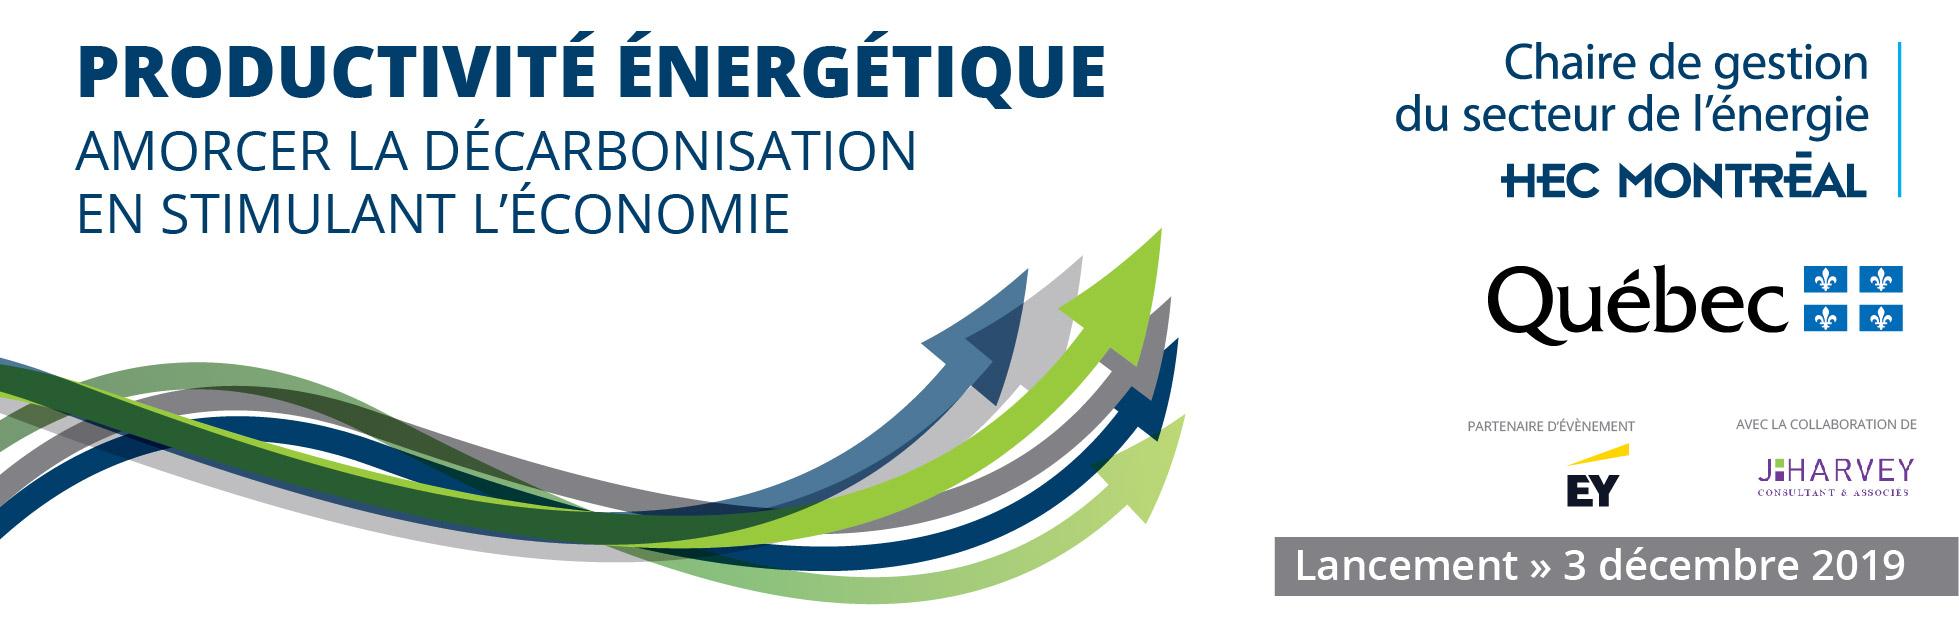 banniere-productionEnergetique2-01